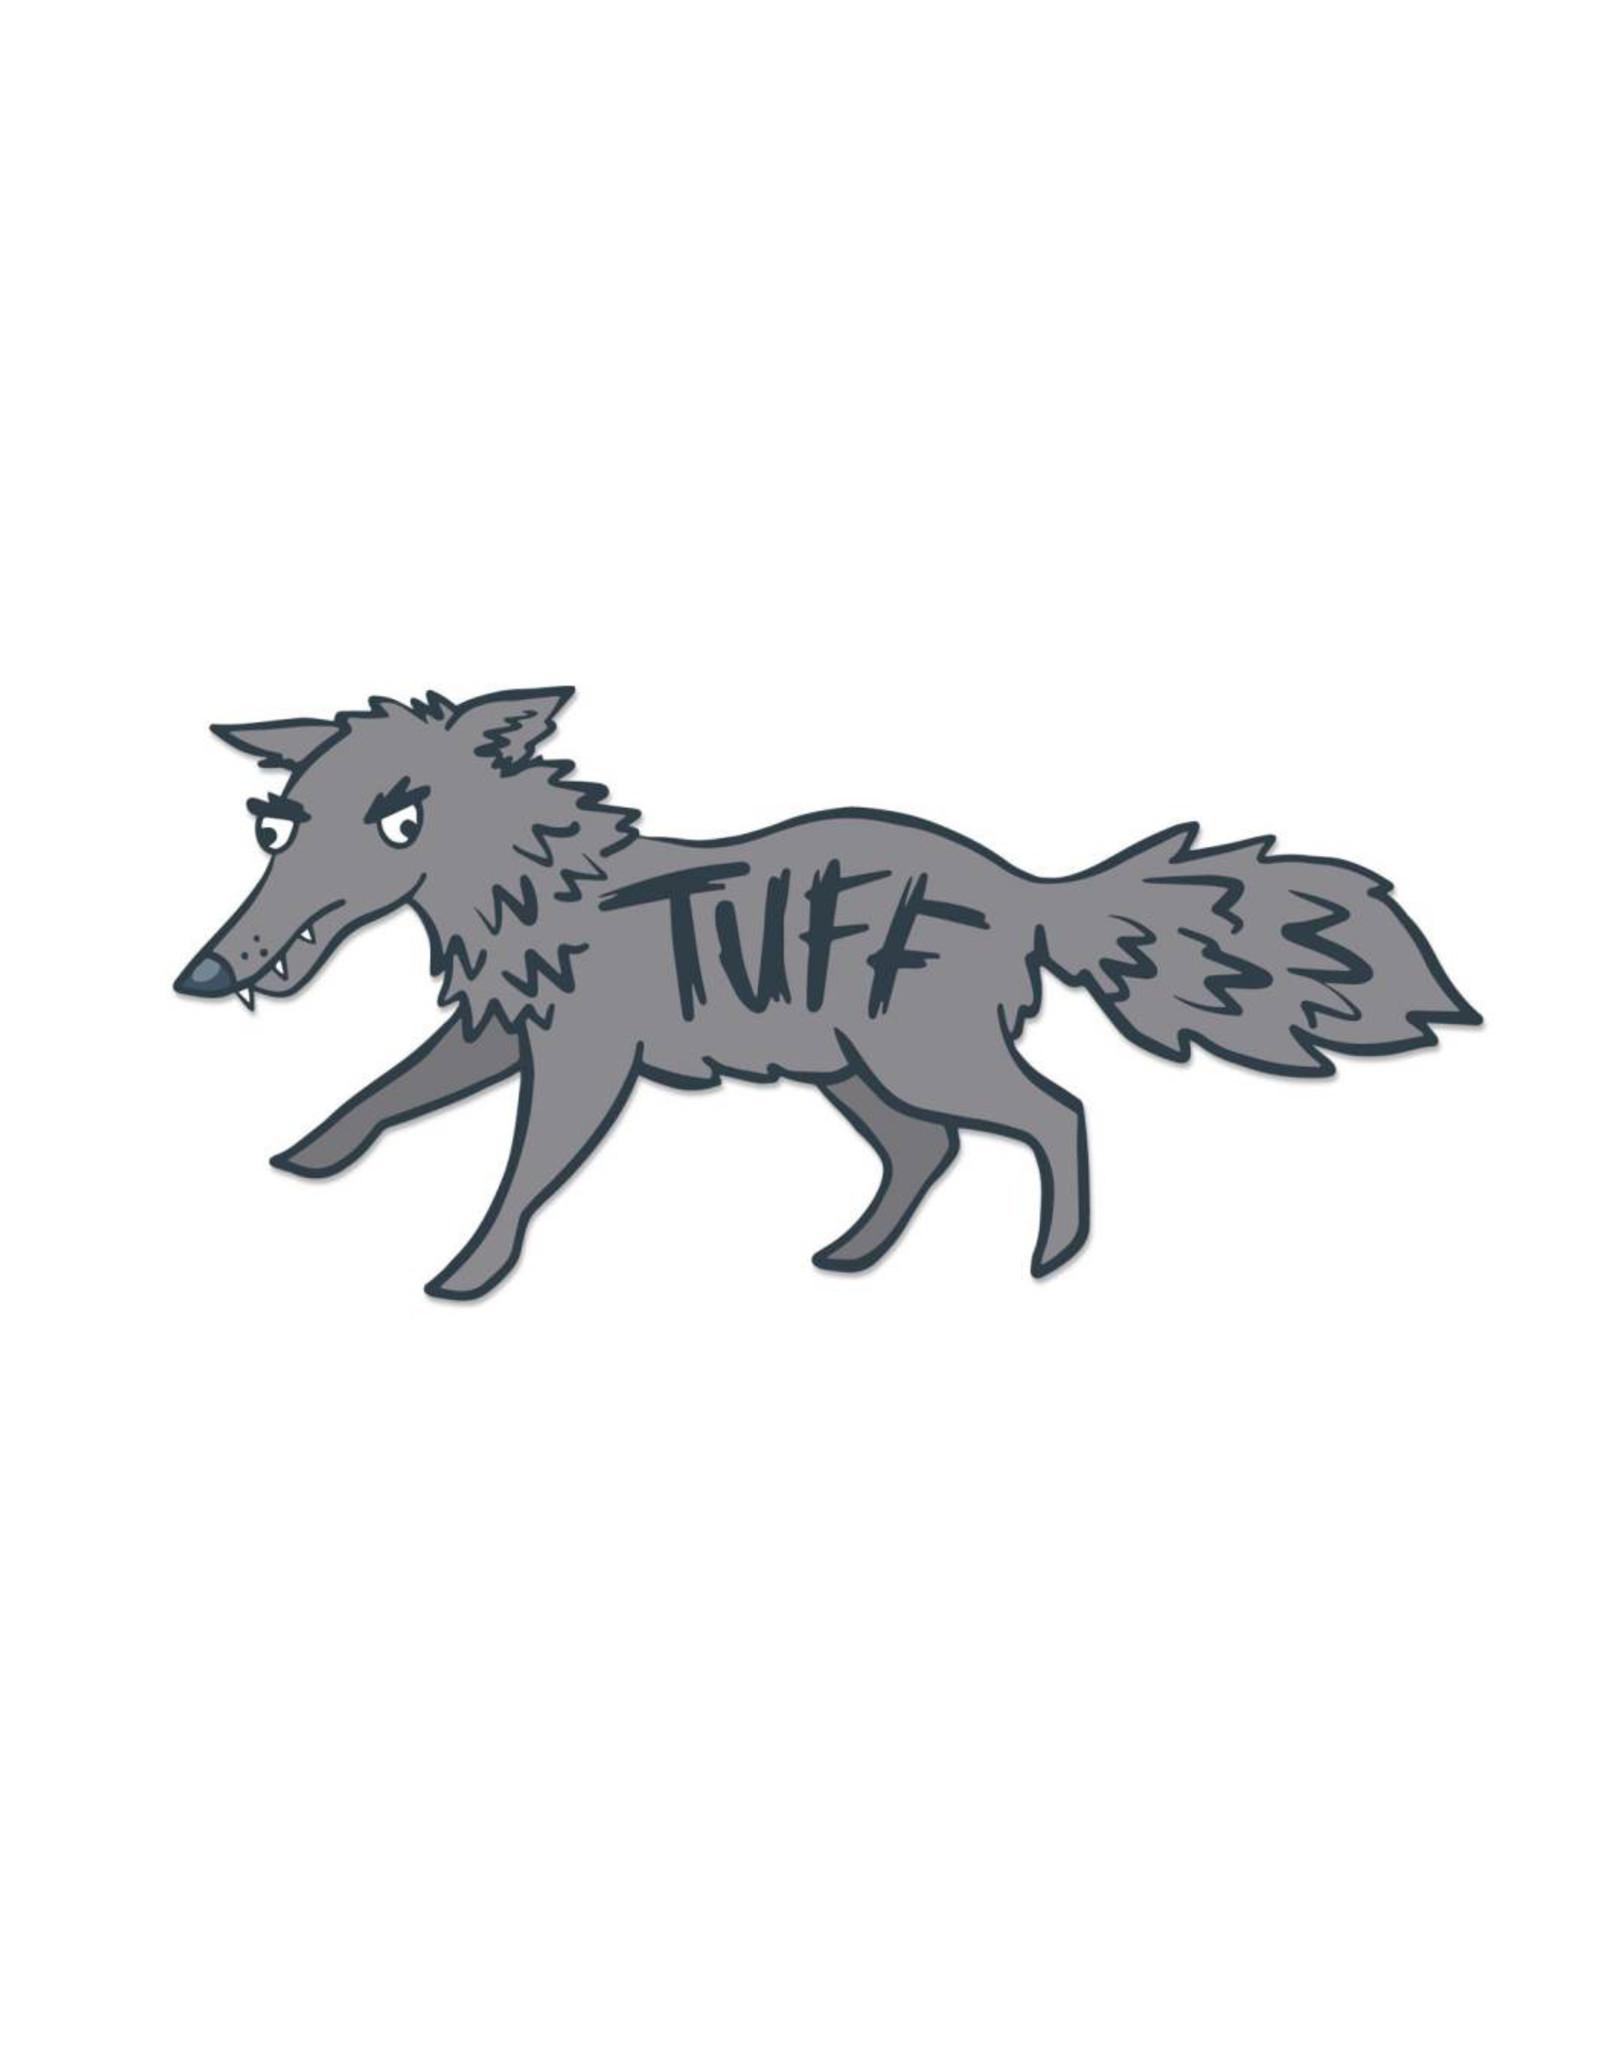 Tuff Wolf Sticker